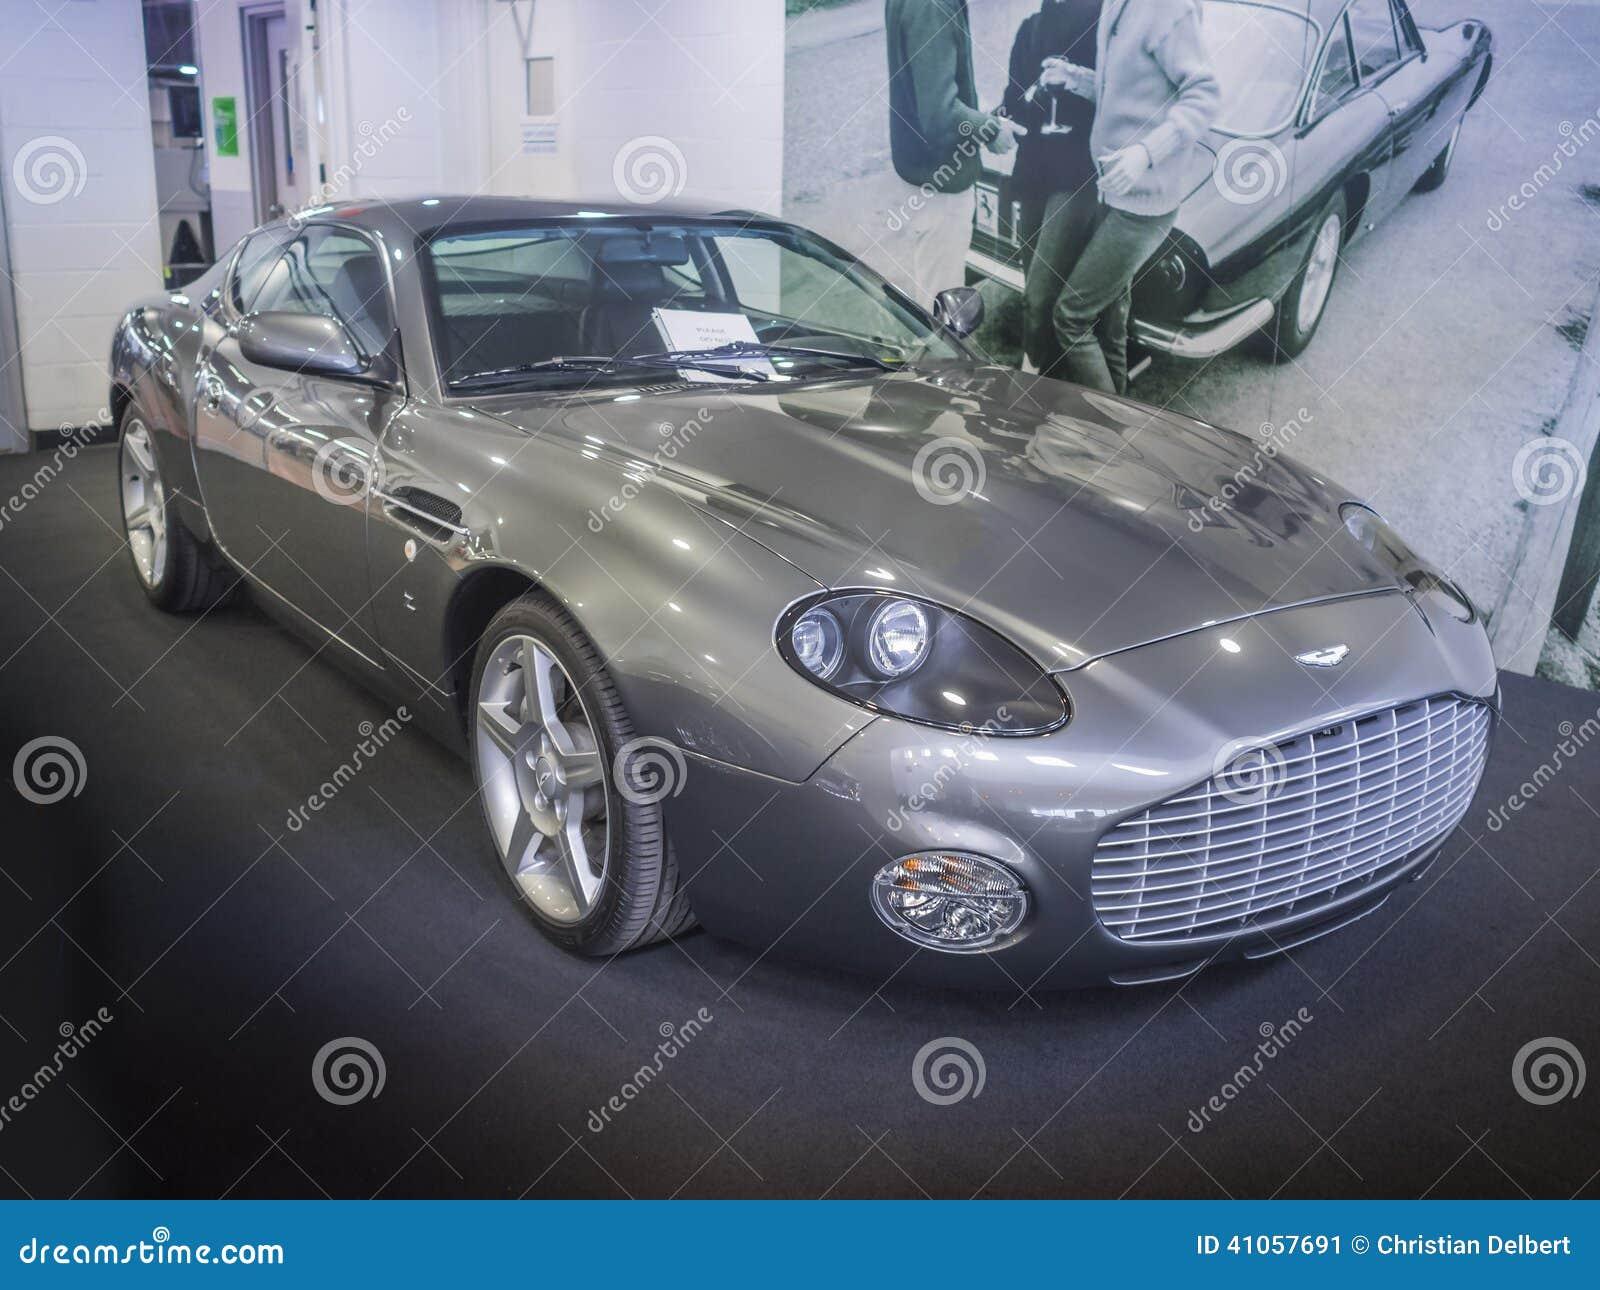 Aston Martin Db7 Zagato Coupe Sportscar Editorial Photo Image Of Silver British 41057691